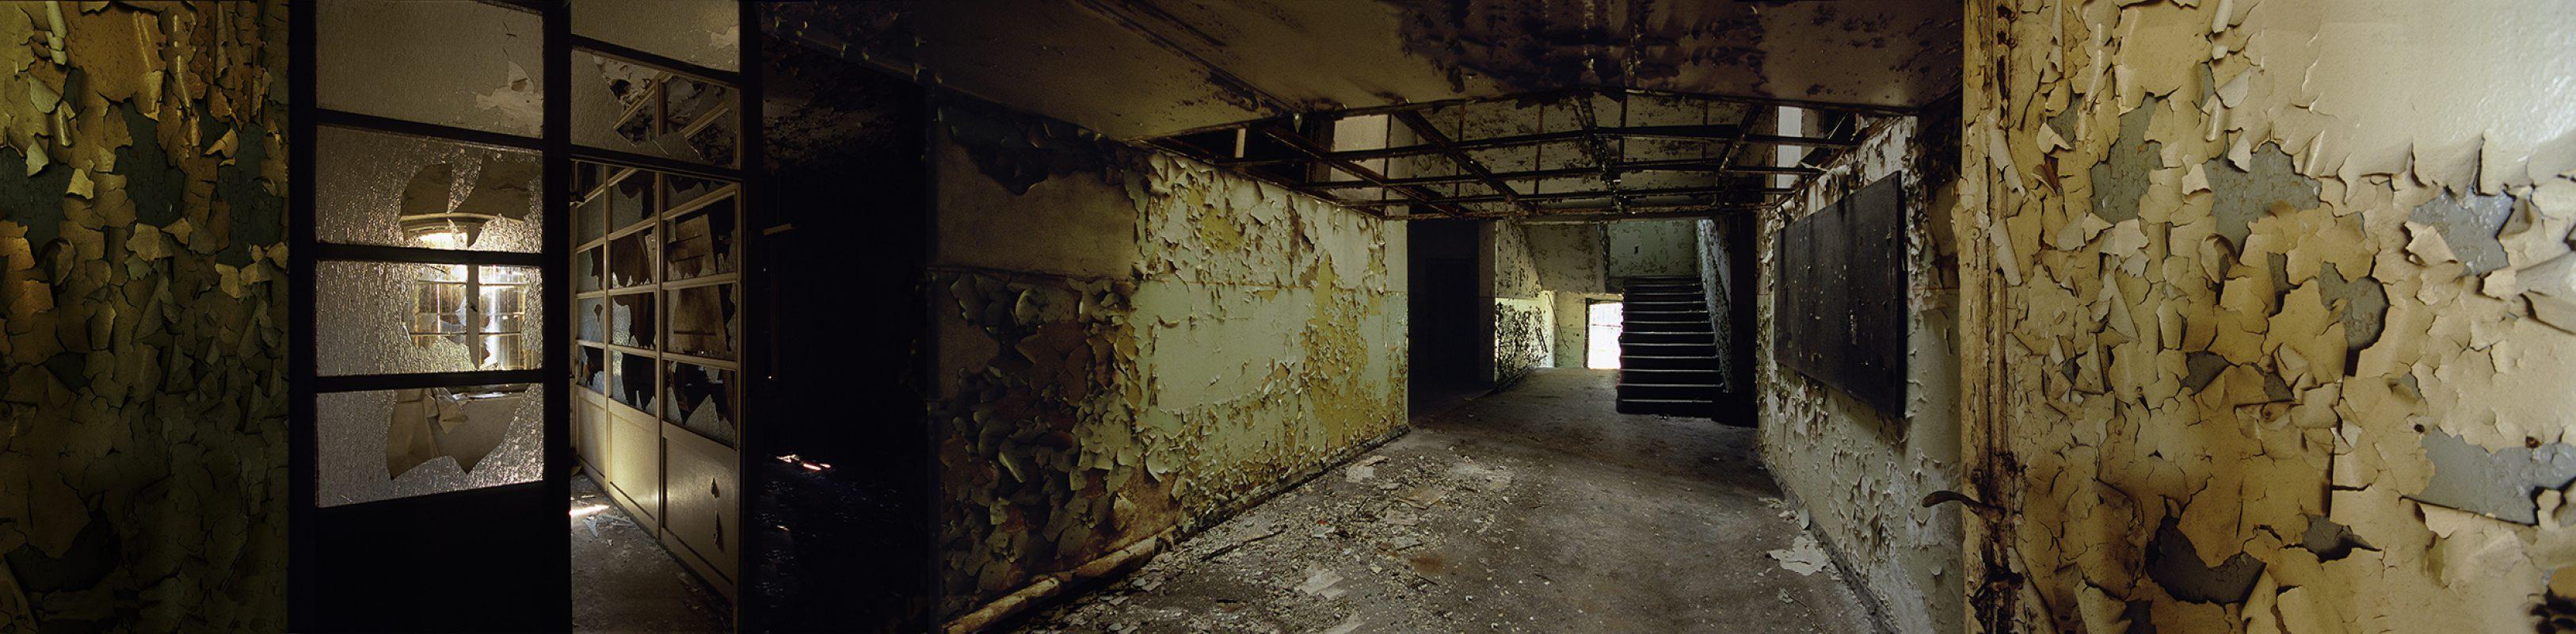 KZ-Außenlager Sachsenhausen, Häftlingsbäckerei am Klinkerwerk, Durchblick Büro